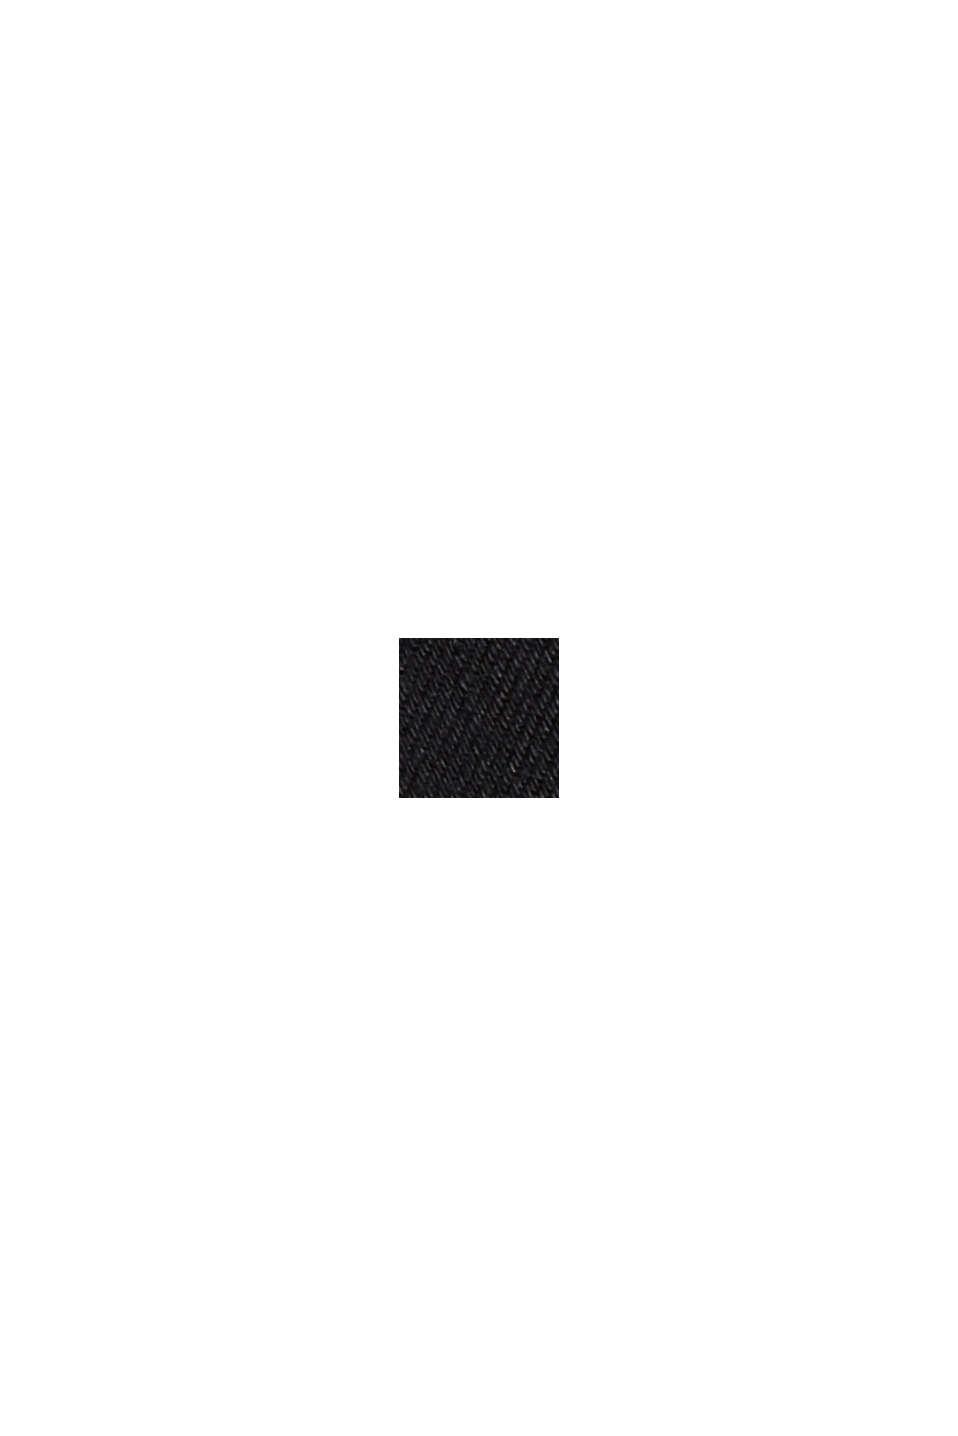 Jeggings en mezcla de algodón, BLACK, swatch